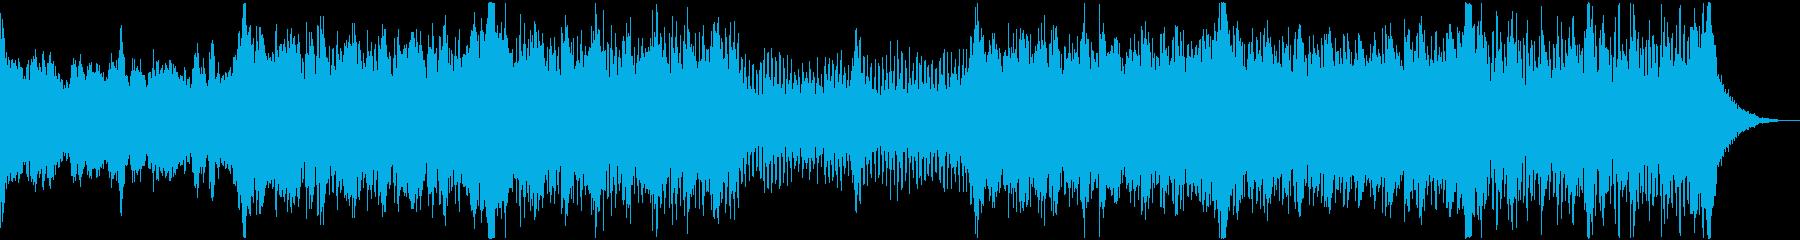 アニメ風な悪役サイドのBGM(ダーク)の再生済みの波形